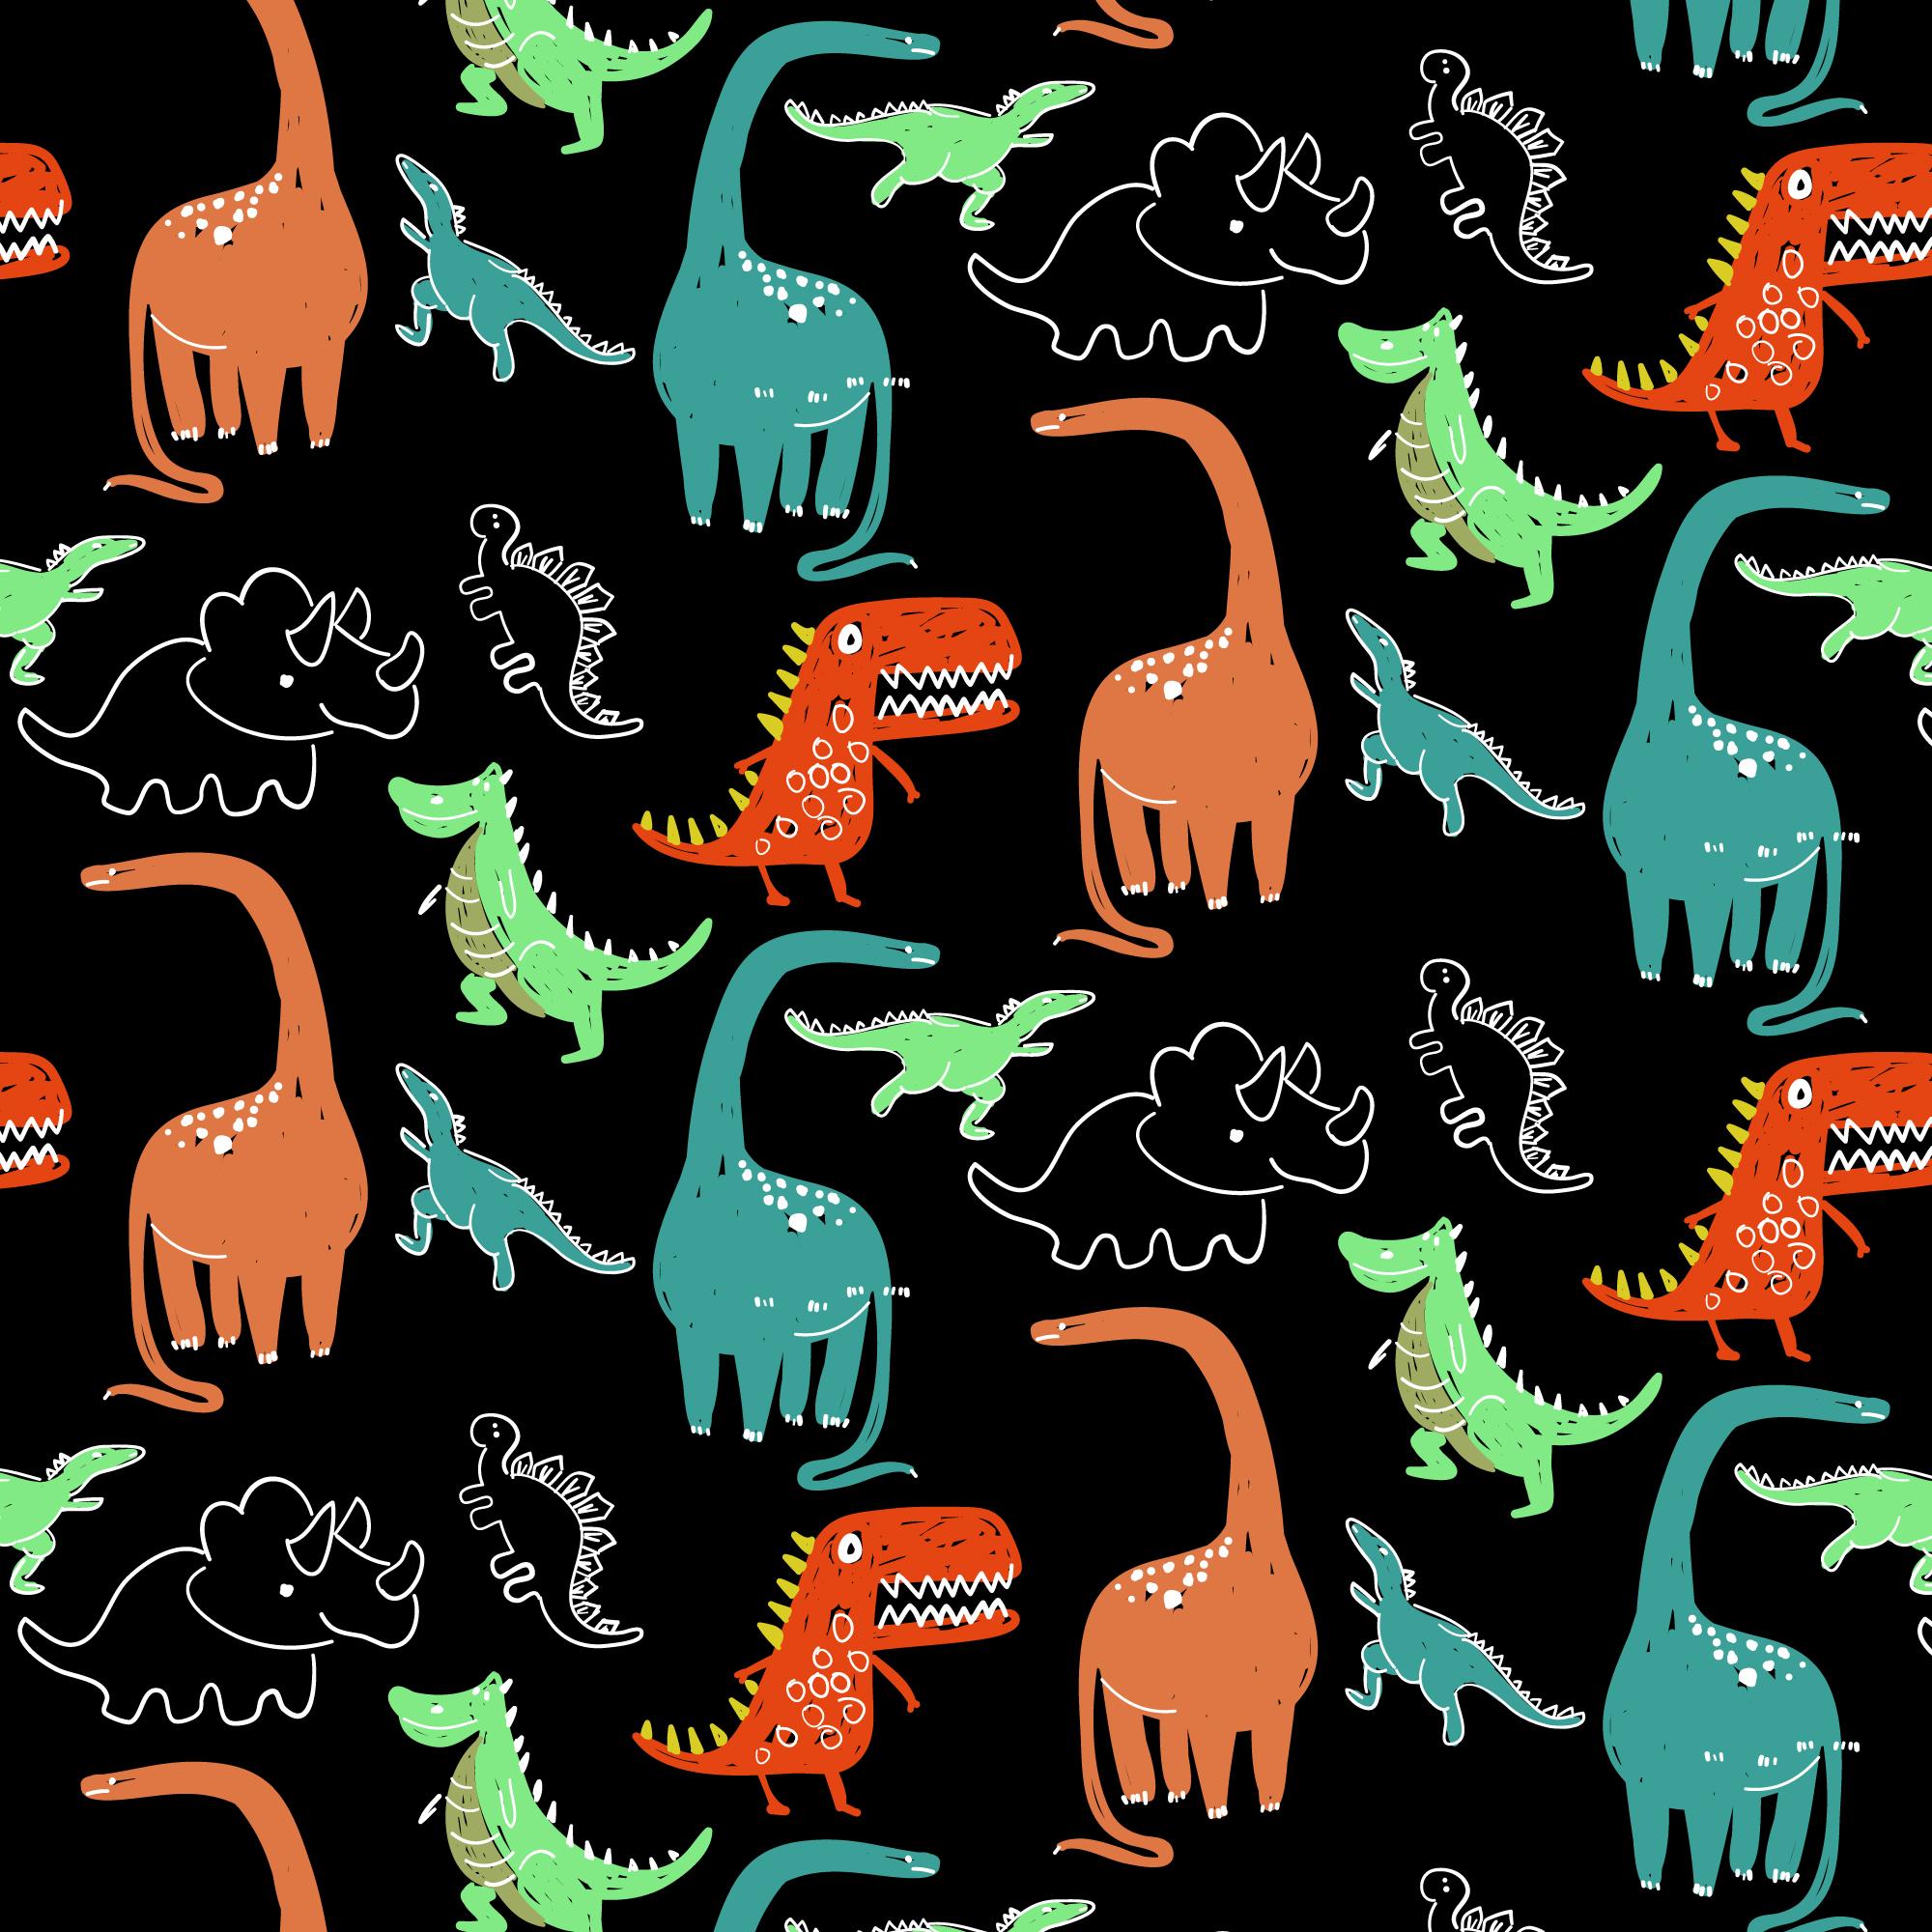 手繪恐龍 免費下載   天天瘋後製